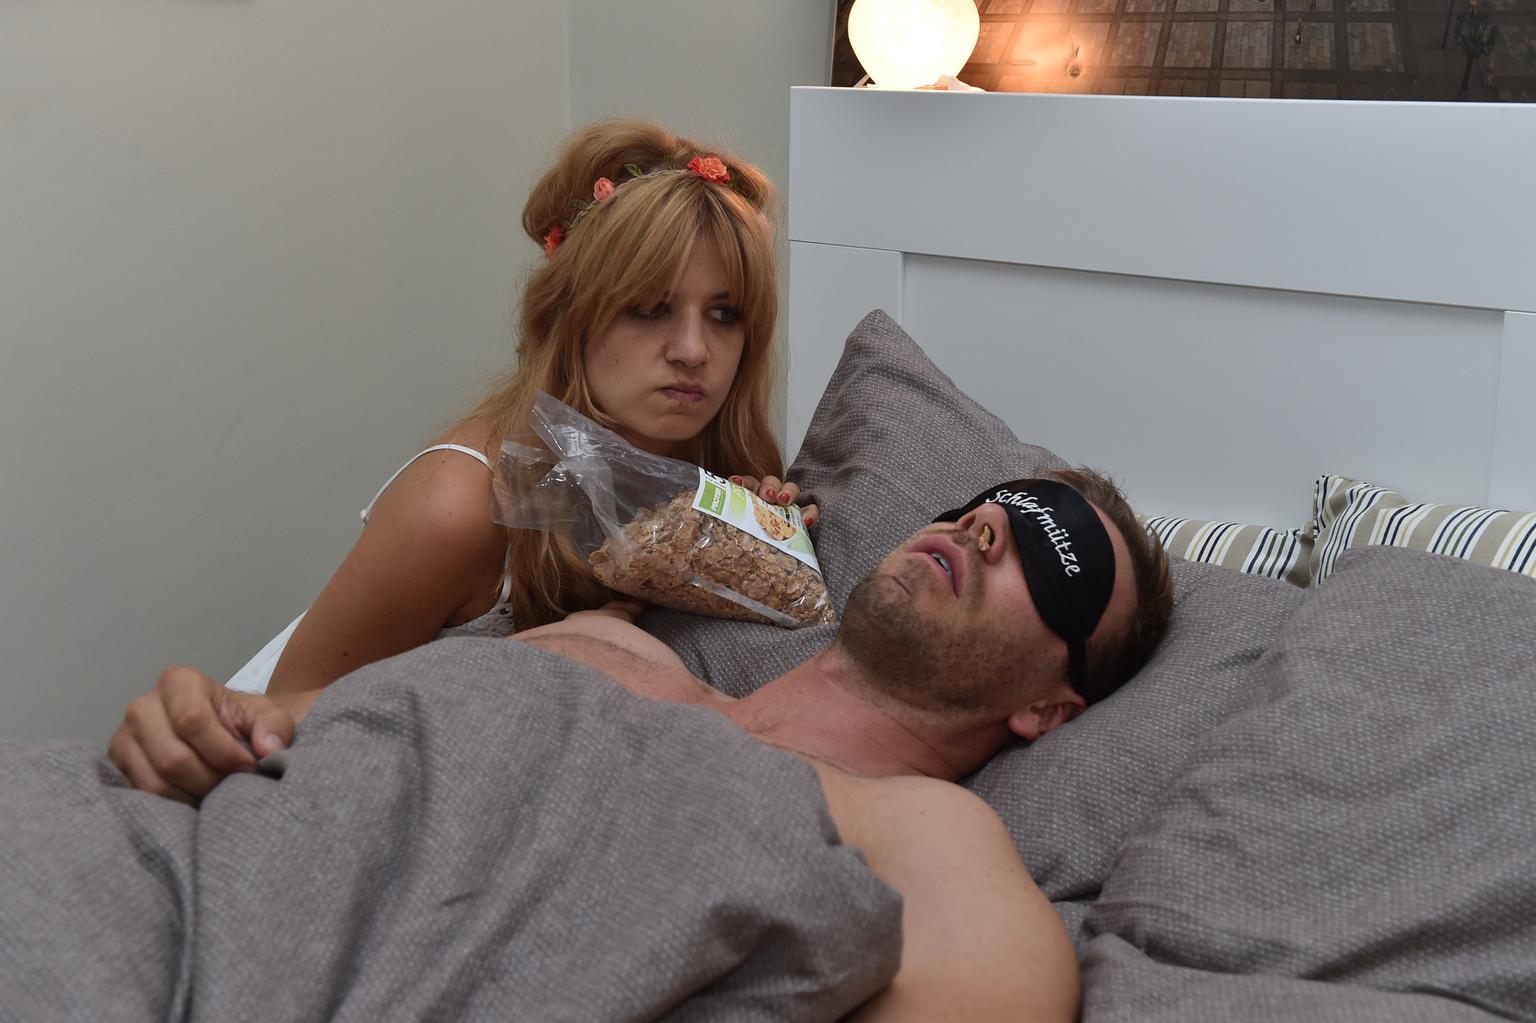 Als sich Mila (Susan Sideropoulos, l.) auf den Casual-Sex mit Ralph (Dominic Boeer, r.) einlassen will, wird sie ausgebremst. Der Narzisst braucht seinen Schönheitsschlaf ... (Quelle: Sat 1)